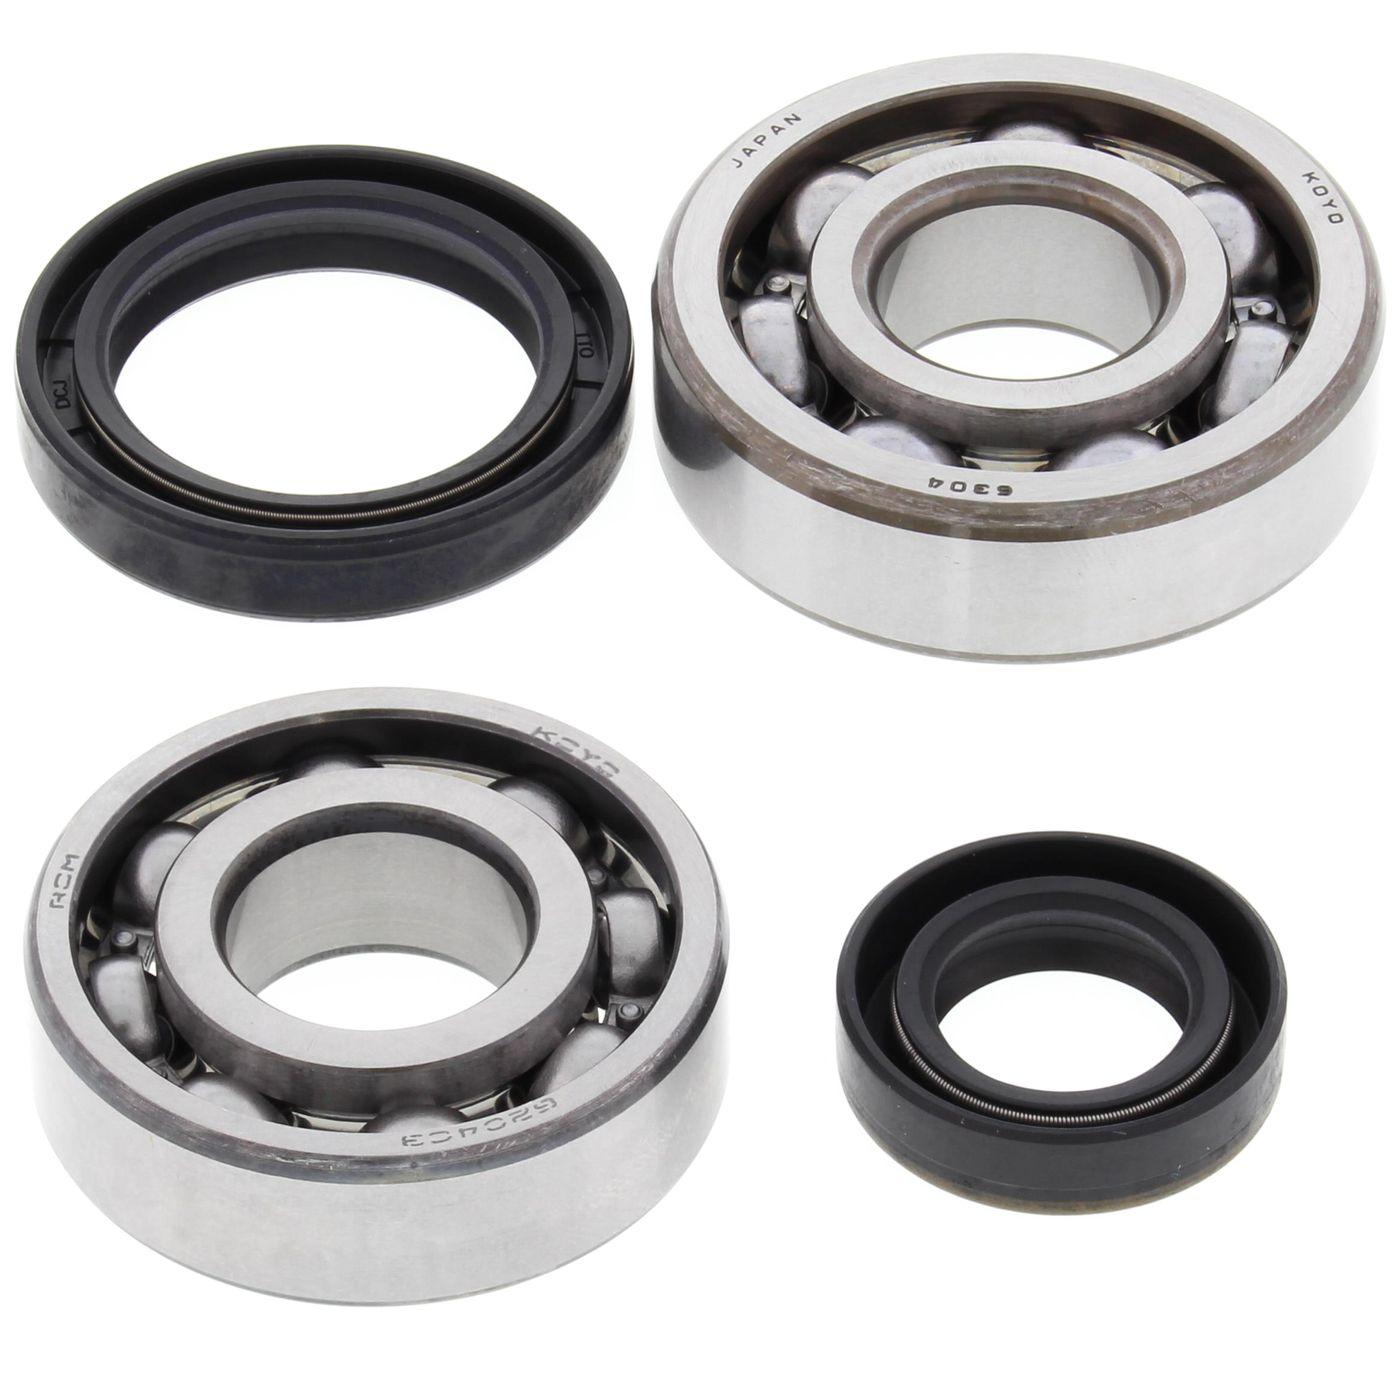 Wrp Crank Bearing & Seal Kits - WRP241013 image